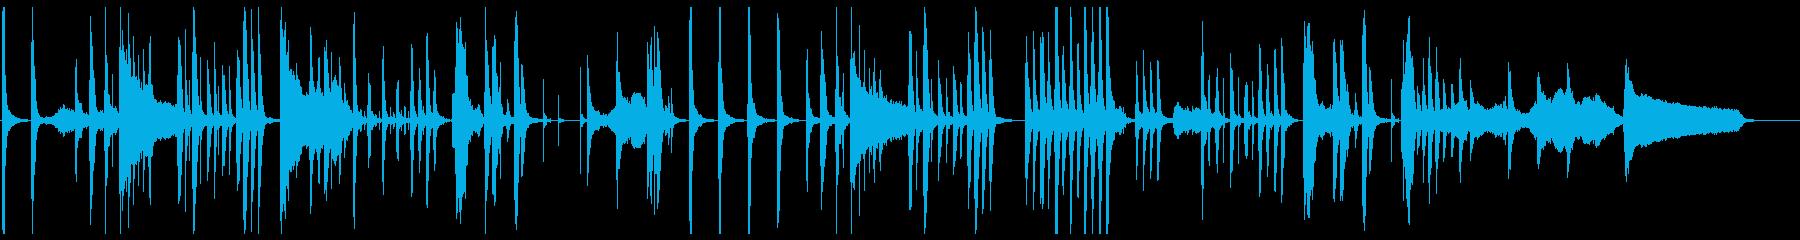 ギャグシーンに最適な少し間の抜けたBGMの再生済みの波形